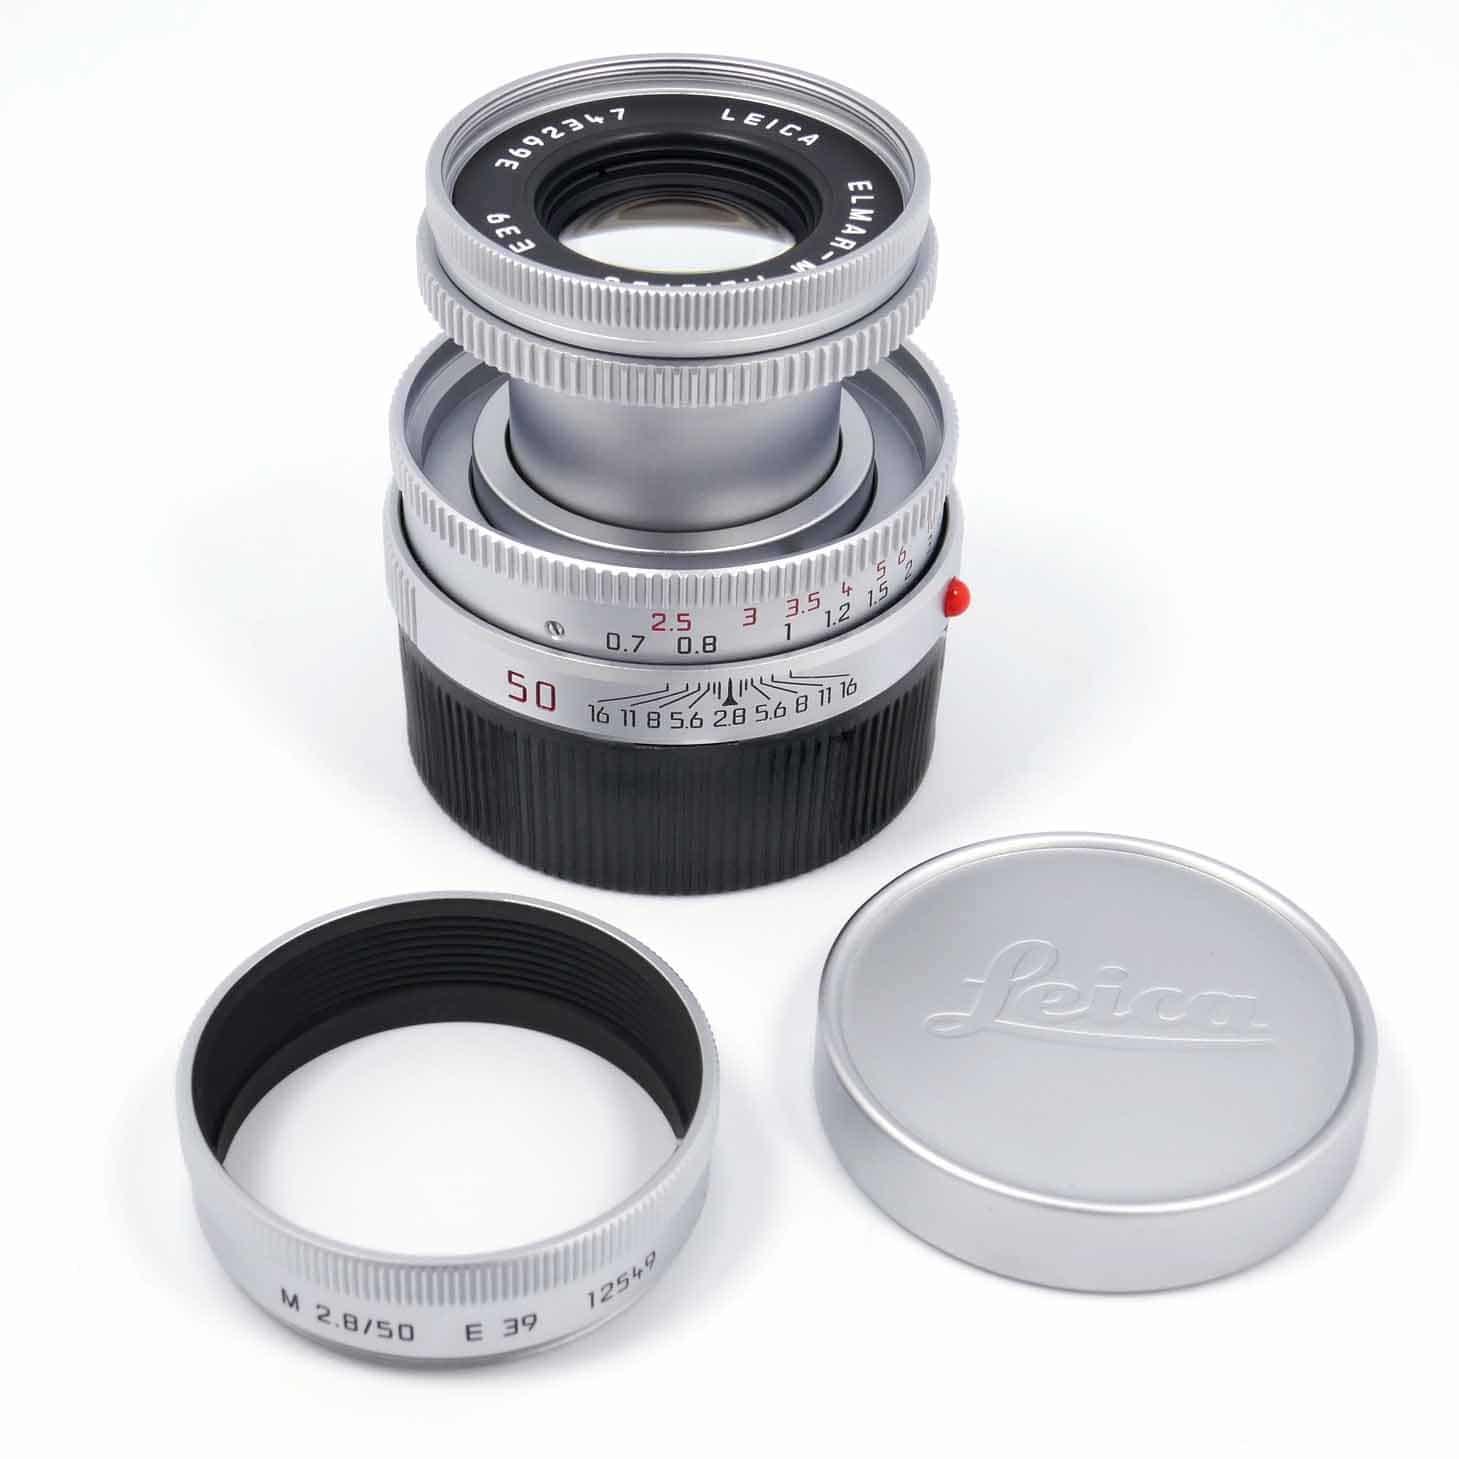 clean-cameras-Leica-Elmar-M-2.8_50mm-11823-06